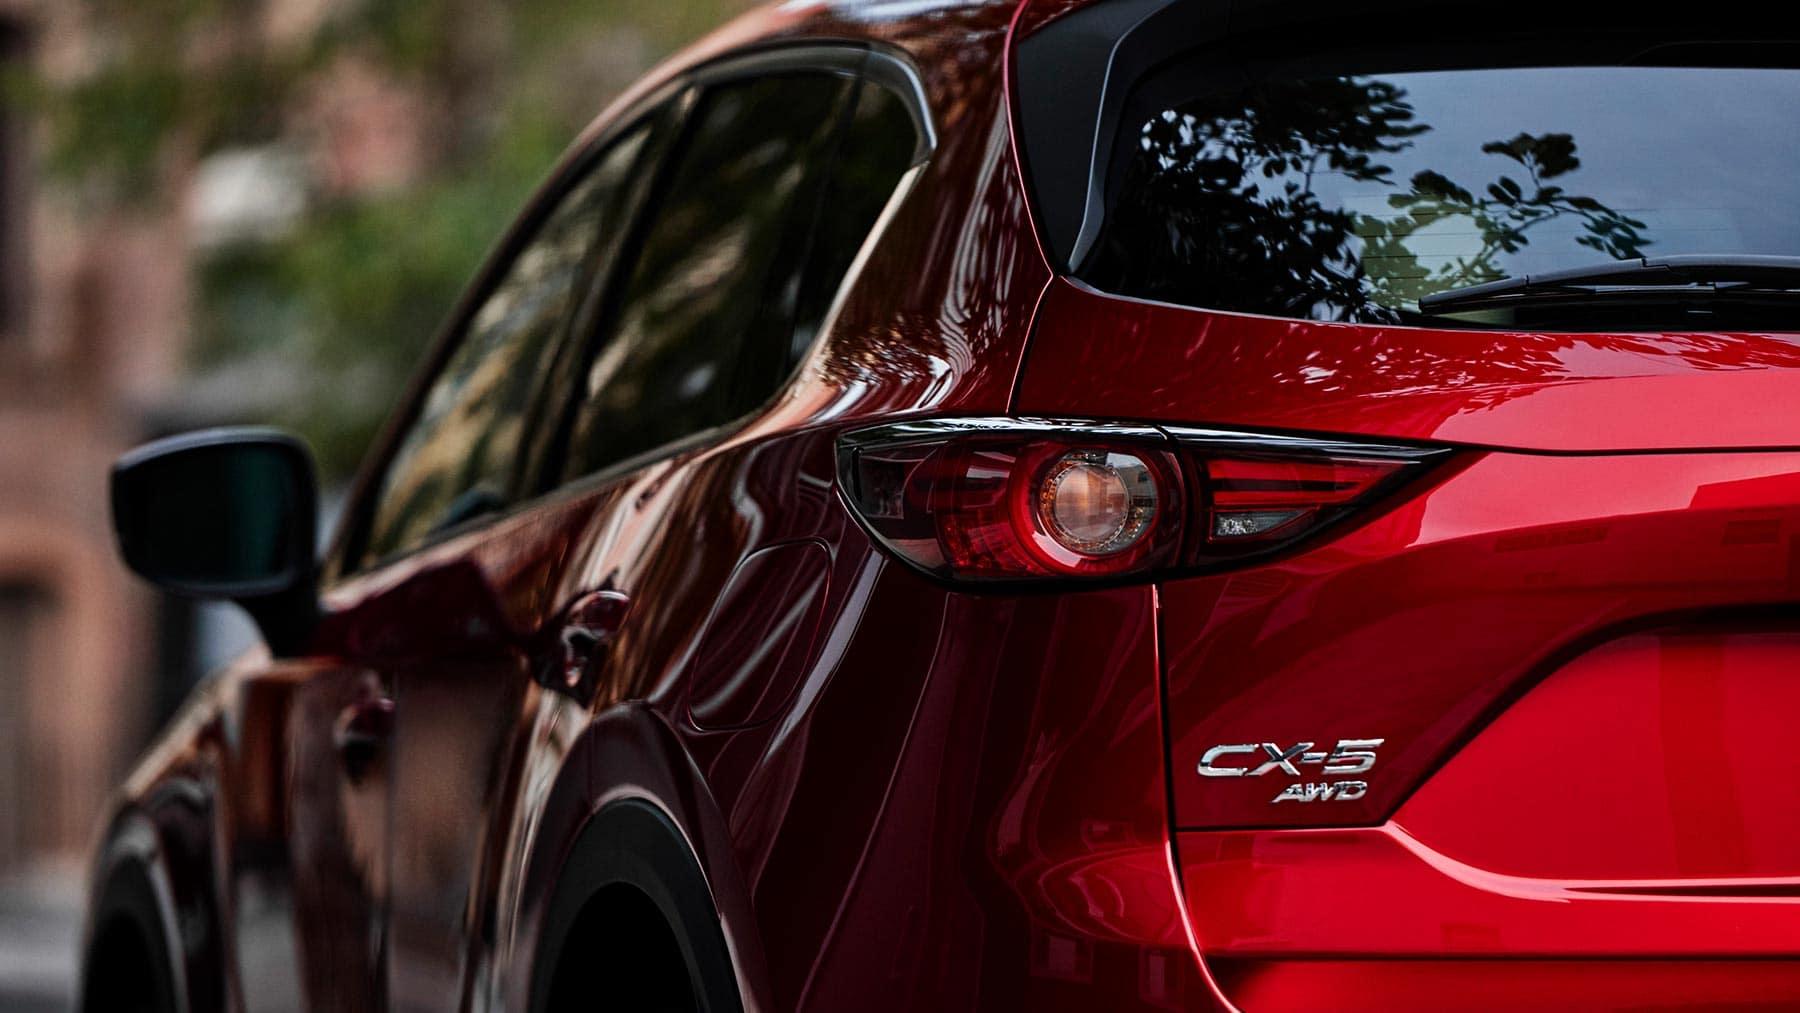 2019 Mazda CX-5 for sale in Fredericksburg VA